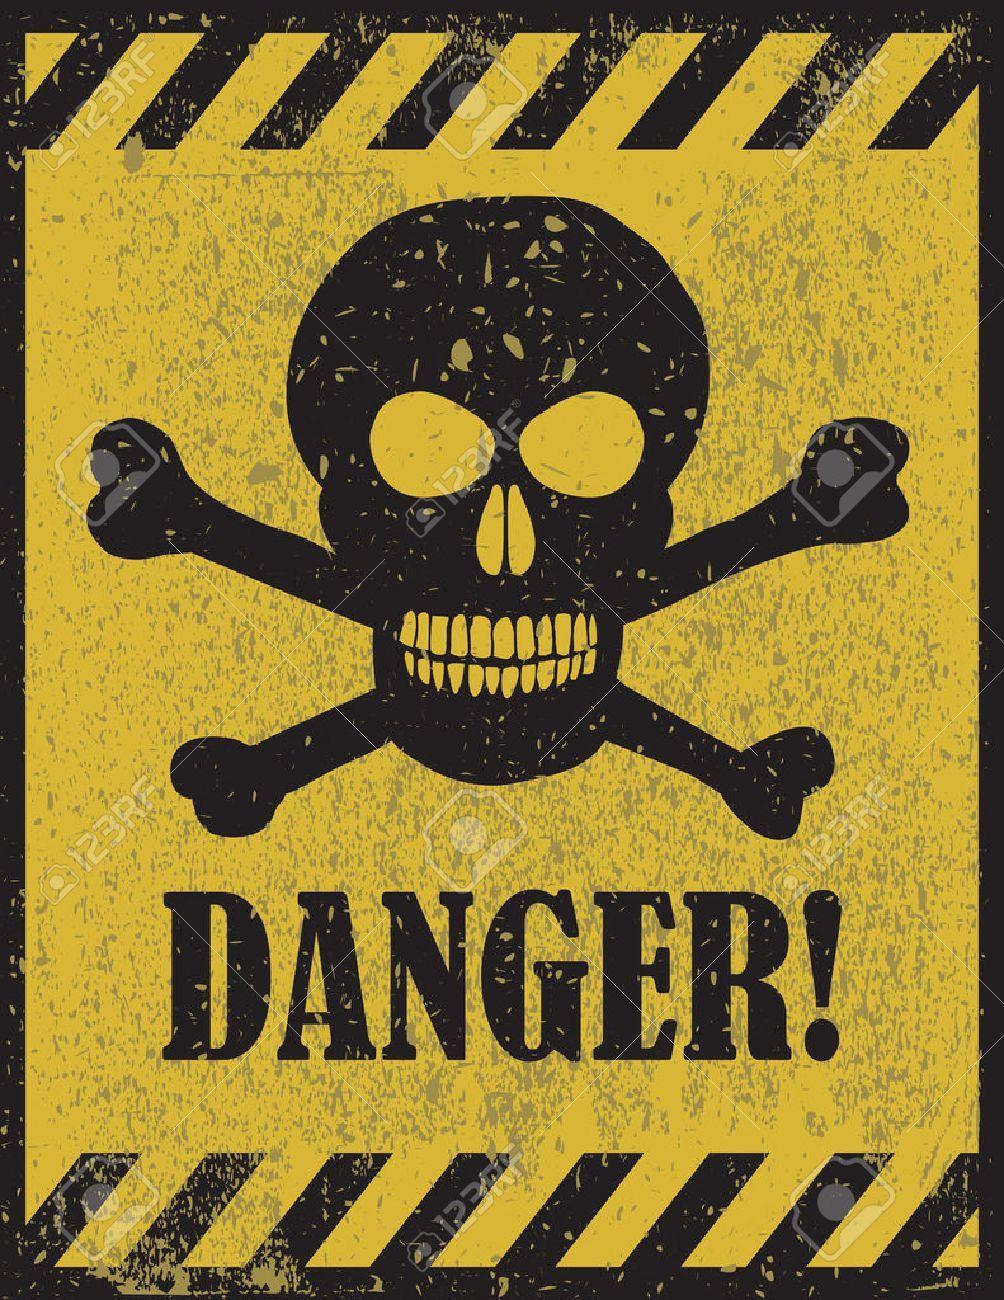 Danger Sign With Skull Symbol Deadly Danger Sign Warning Sign Danger Zone Aff Skull Symbol Danger Sign Concept Art Gallery Danger Zone Dangerous